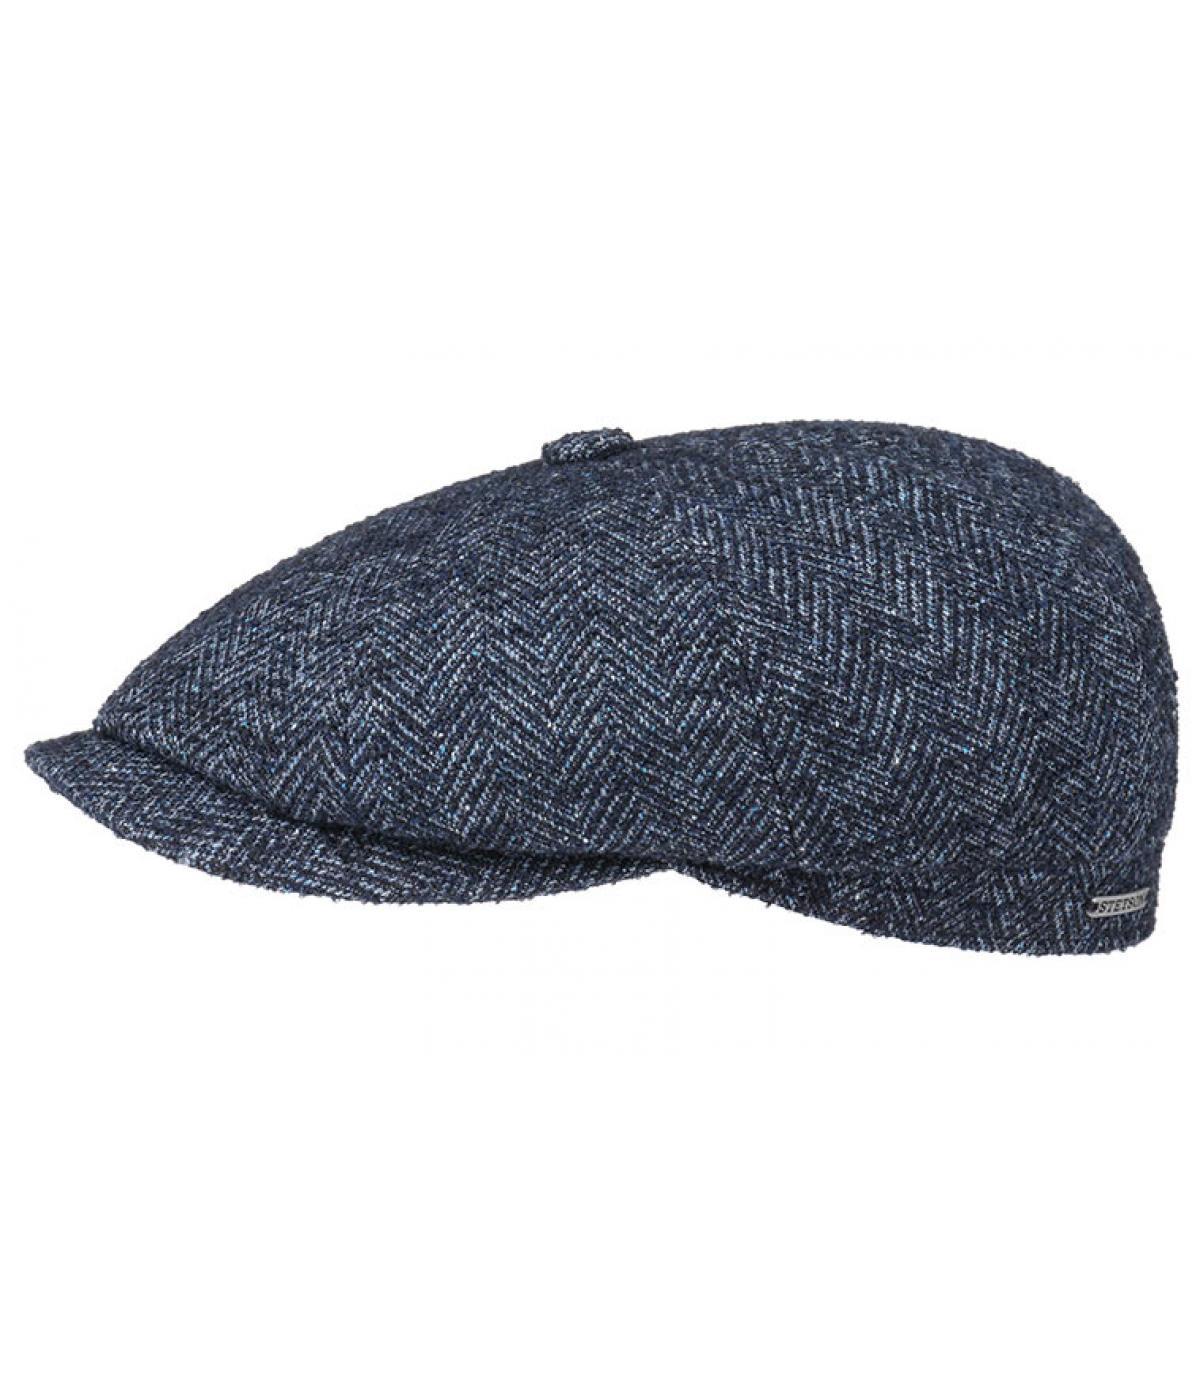 Details Hatteras Virgin Wool blue herringbone - afbeeling 2